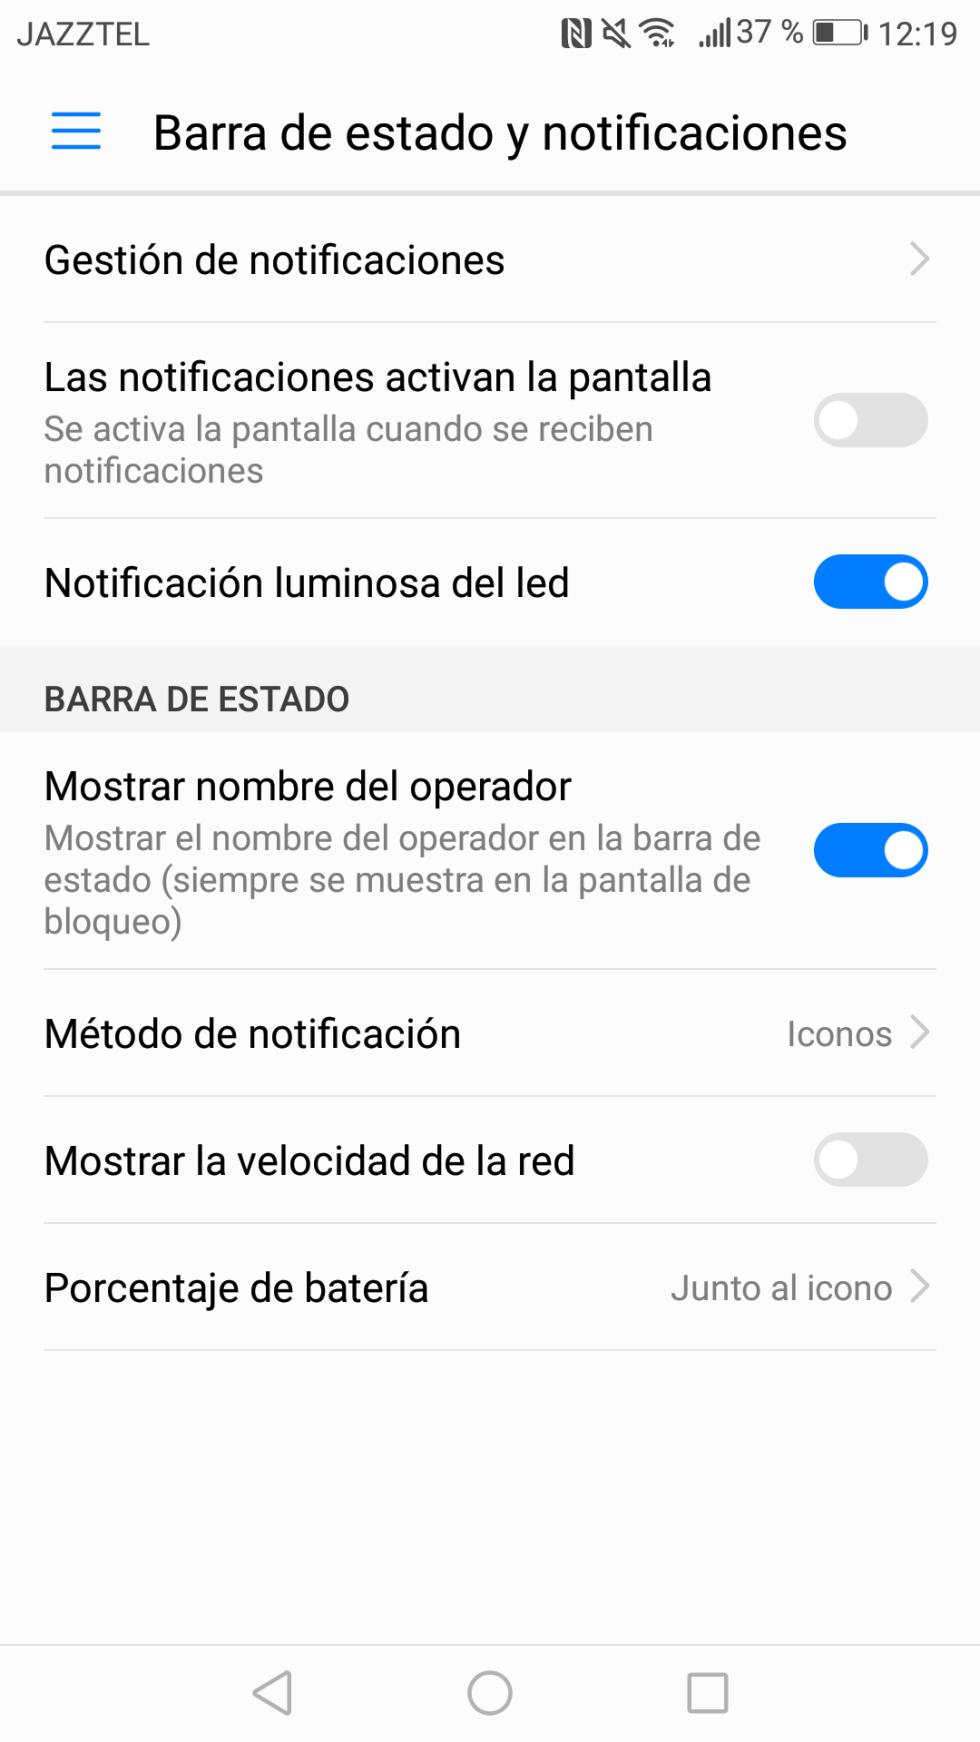 El LED de notificaciones se puede configurar desde los ajustes